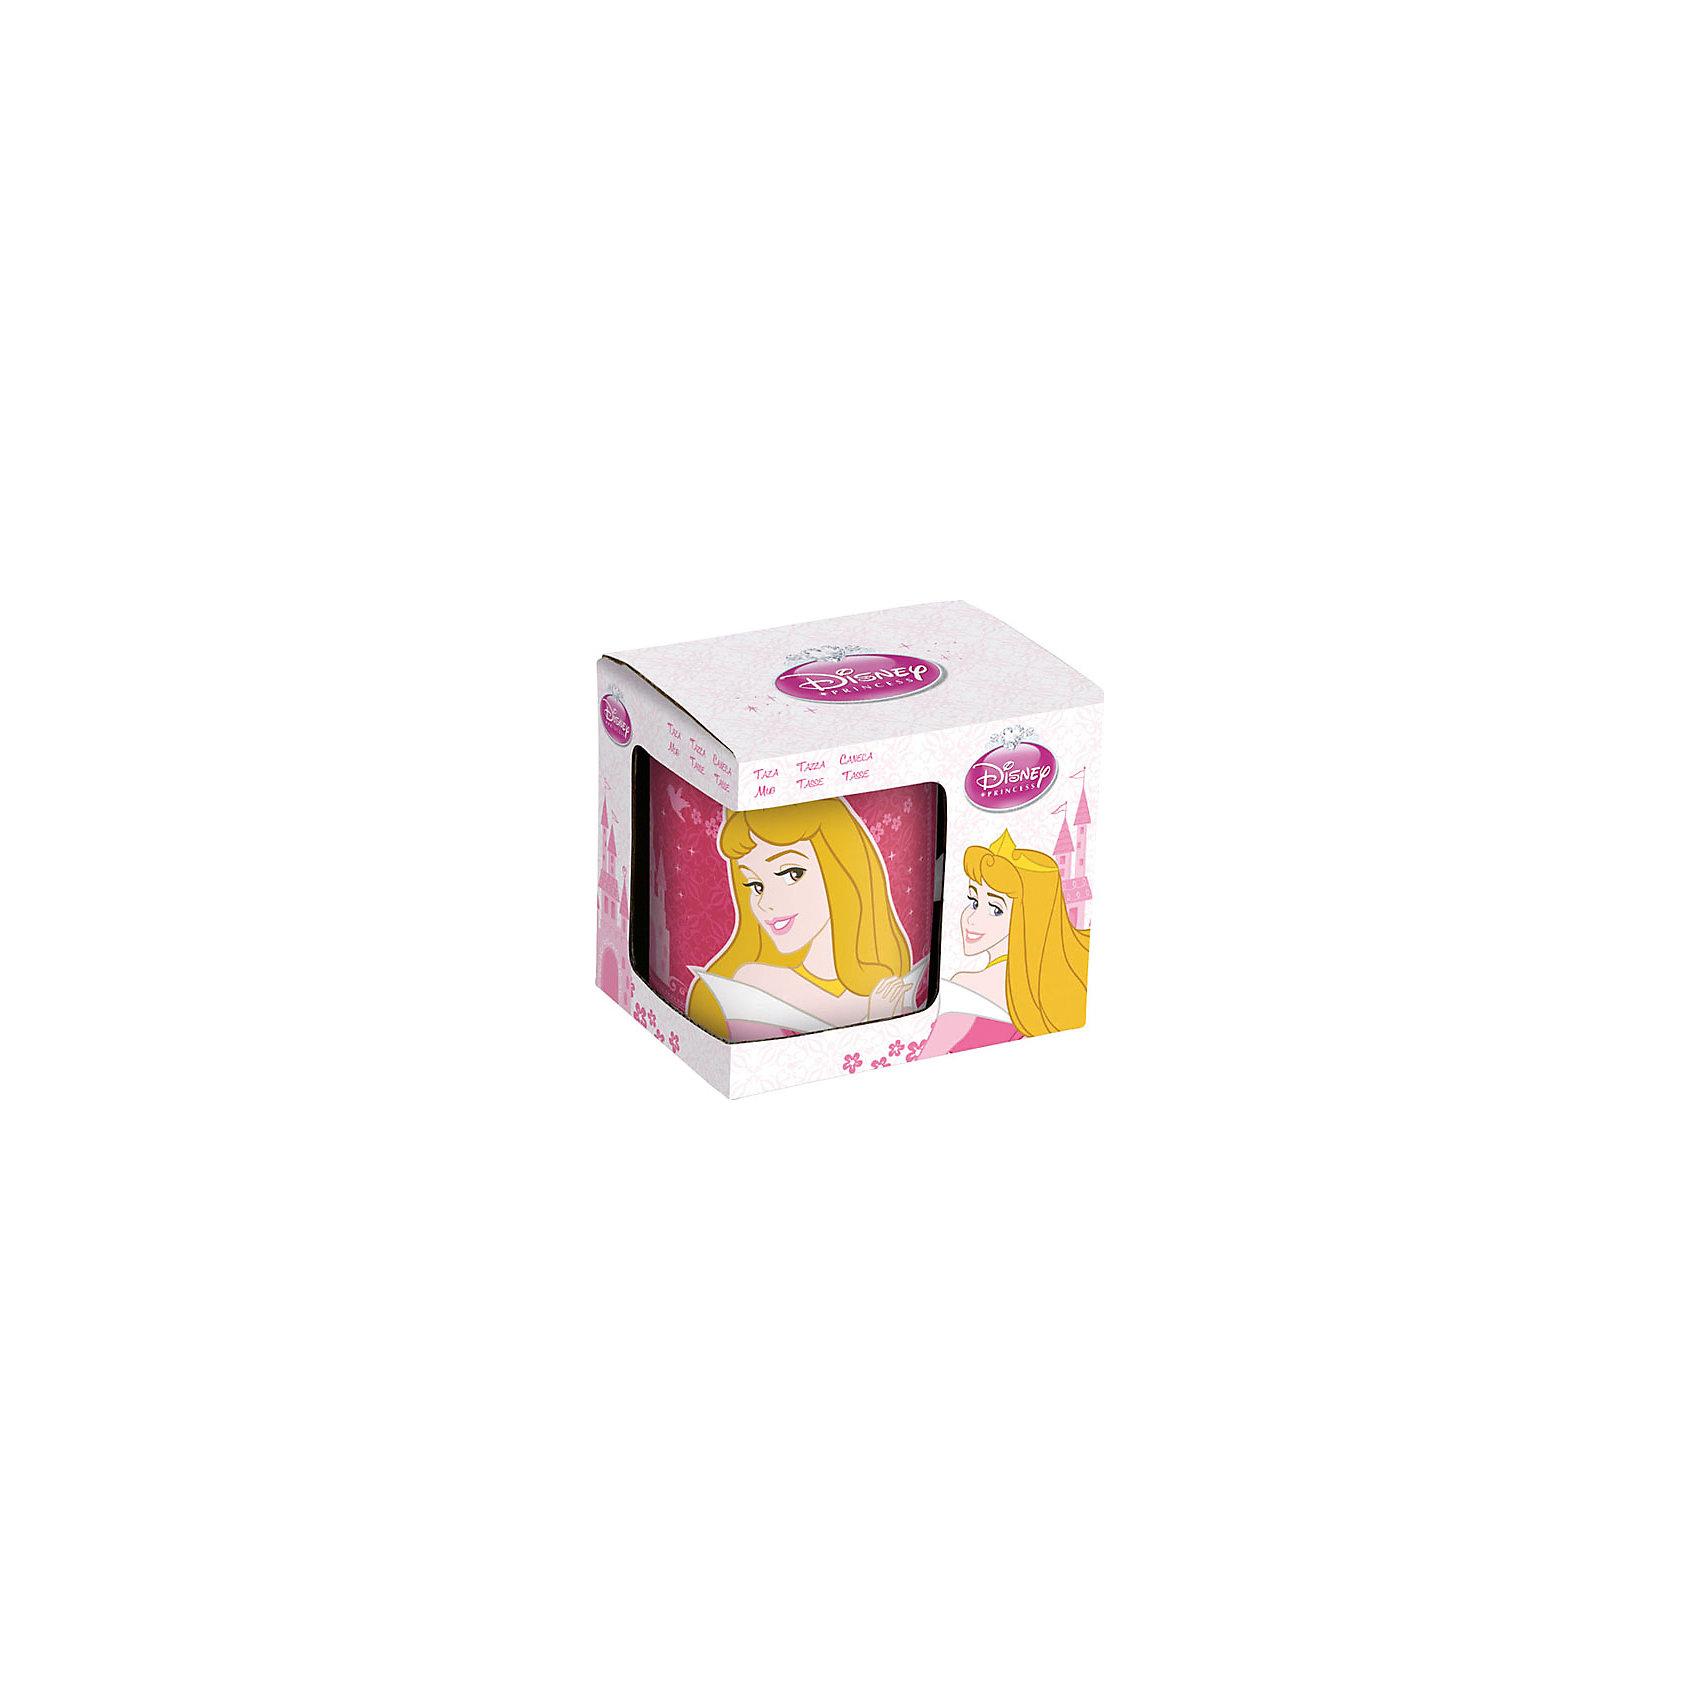 Керамическая кружка Принцессы Дисней 330 мл в подарочной упаковкеДетская посуда<br>Керамическая кружка Принцессы Дисней 330 мл в подарочной упаковке - эта оригинальная кружка станет приятным сюрпризом для Вашей девочки.<br>Яркая керамическая кружка, декорированная красочным изображением с портретом принцессы Авроры — главной героини мультфильма «Спящая красавица» - идеально подойдет для повседневного использования. Кружка выполнена из износостойкой керамики, не впитывает запахи, не выделяет вредных веществ и проста в уходе. Она пригодна для мытья в посудомоечной машине и использования в микроволновой печи. Кружка в подарочной упаковке станет приятным сюрпризом на любой праздник!<br><br>Дополнительная информация:<br><br>- Материал: керамика<br>- Объем: 330 мл.<br>- Высота: 9,5 см.<br>- Диаметр: 8 см.<br>- Упаковка: подарочная коробка<br><br>Керамическую кружку Принцессы Дисней 330 мл в подарочной упаковке можно купить в нашем интернет-магазине.<br><br>Ширина мм: 115<br>Глубина мм: 85<br>Высота мм: 100<br>Вес г: 363<br>Возраст от месяцев: 36<br>Возраст до месяцев: 144<br>Пол: Женский<br>Возраст: Детский<br>SKU: 4603866